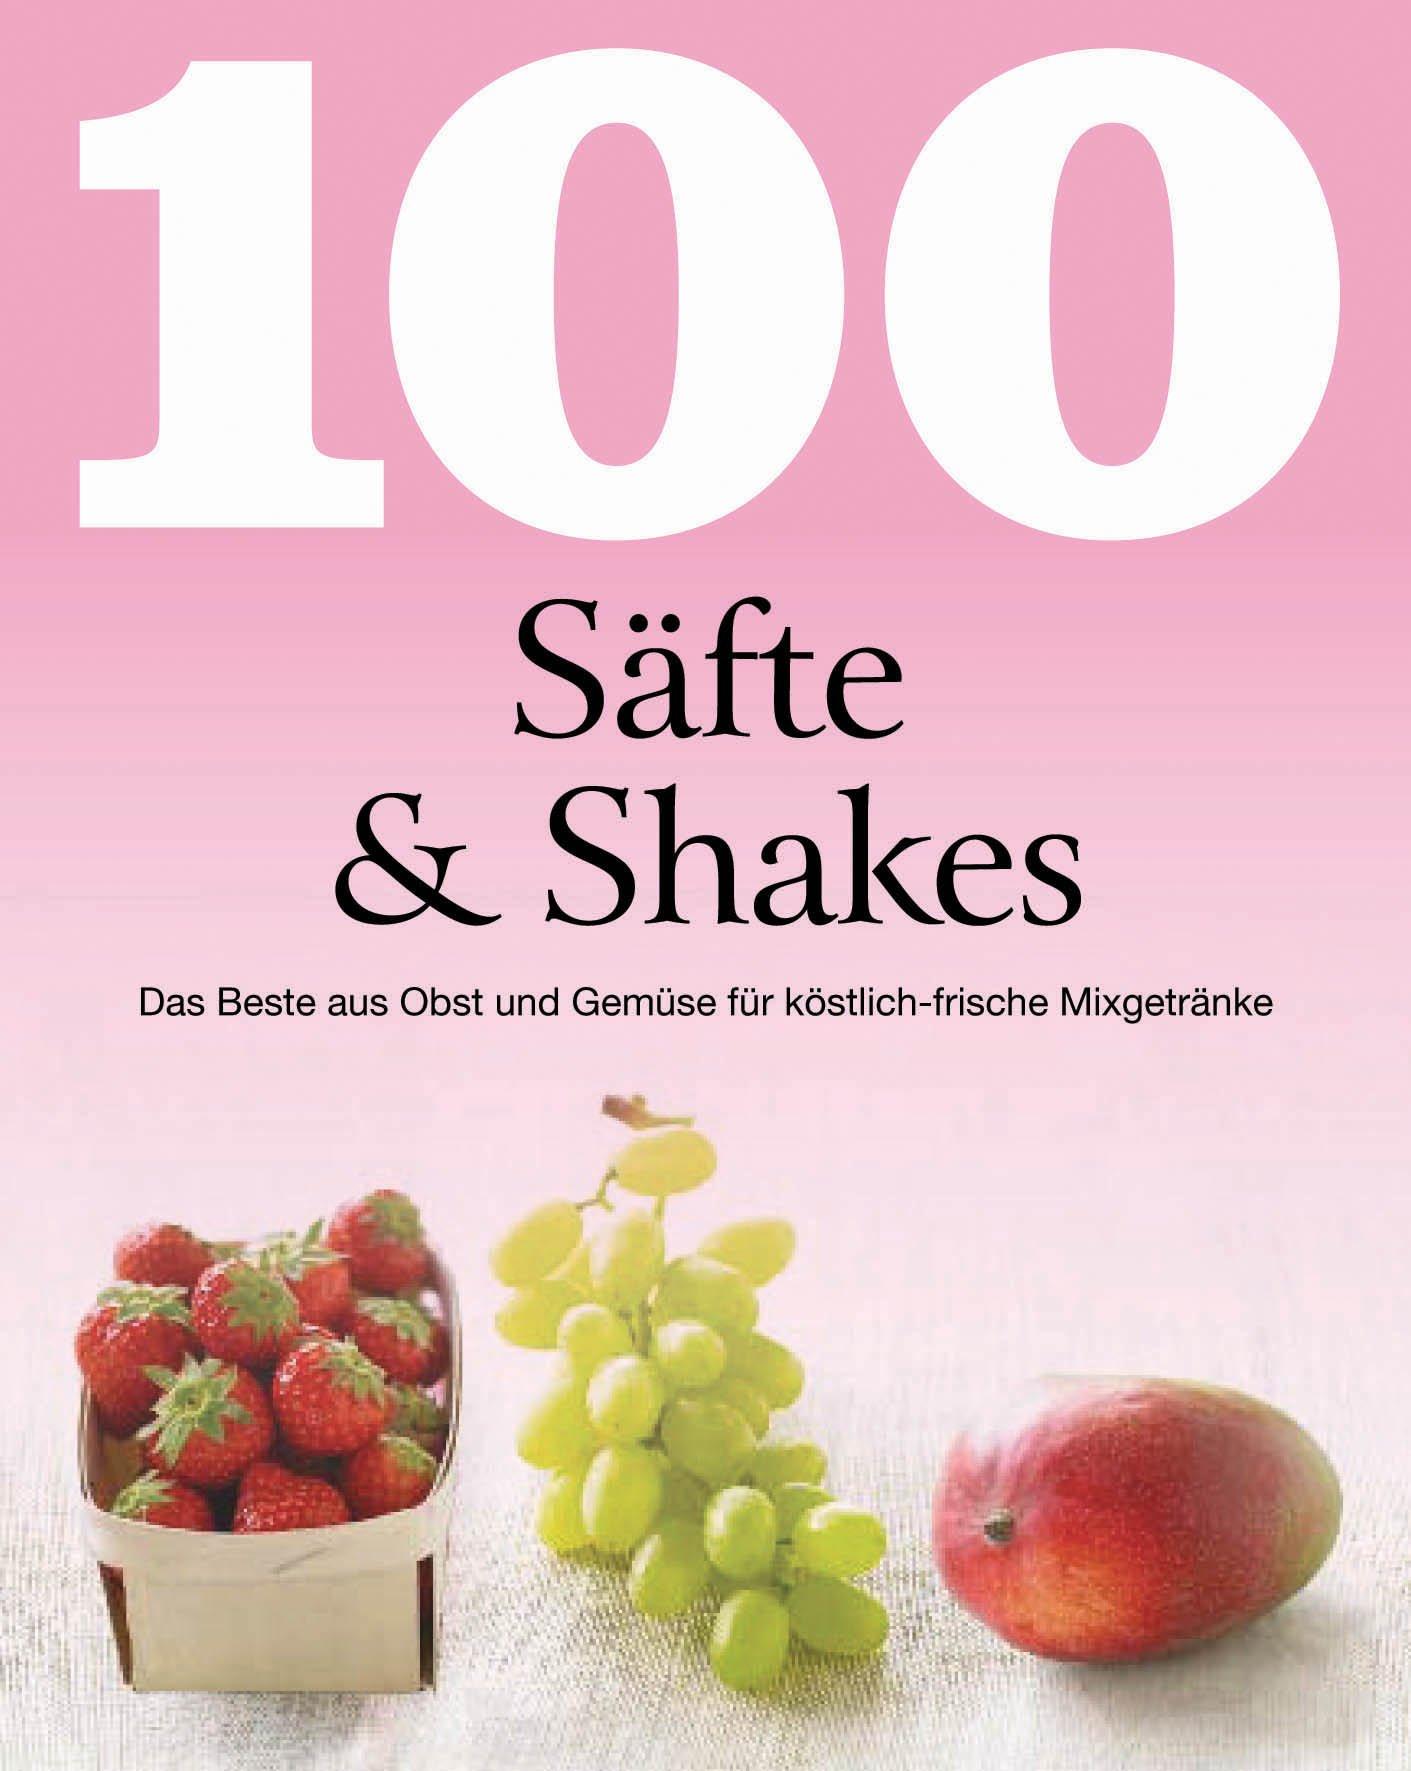 100 Rezepte Säfte & Shakes: Das Beste aus Obst und Gemüse für köstlich-frische Mixgetränke